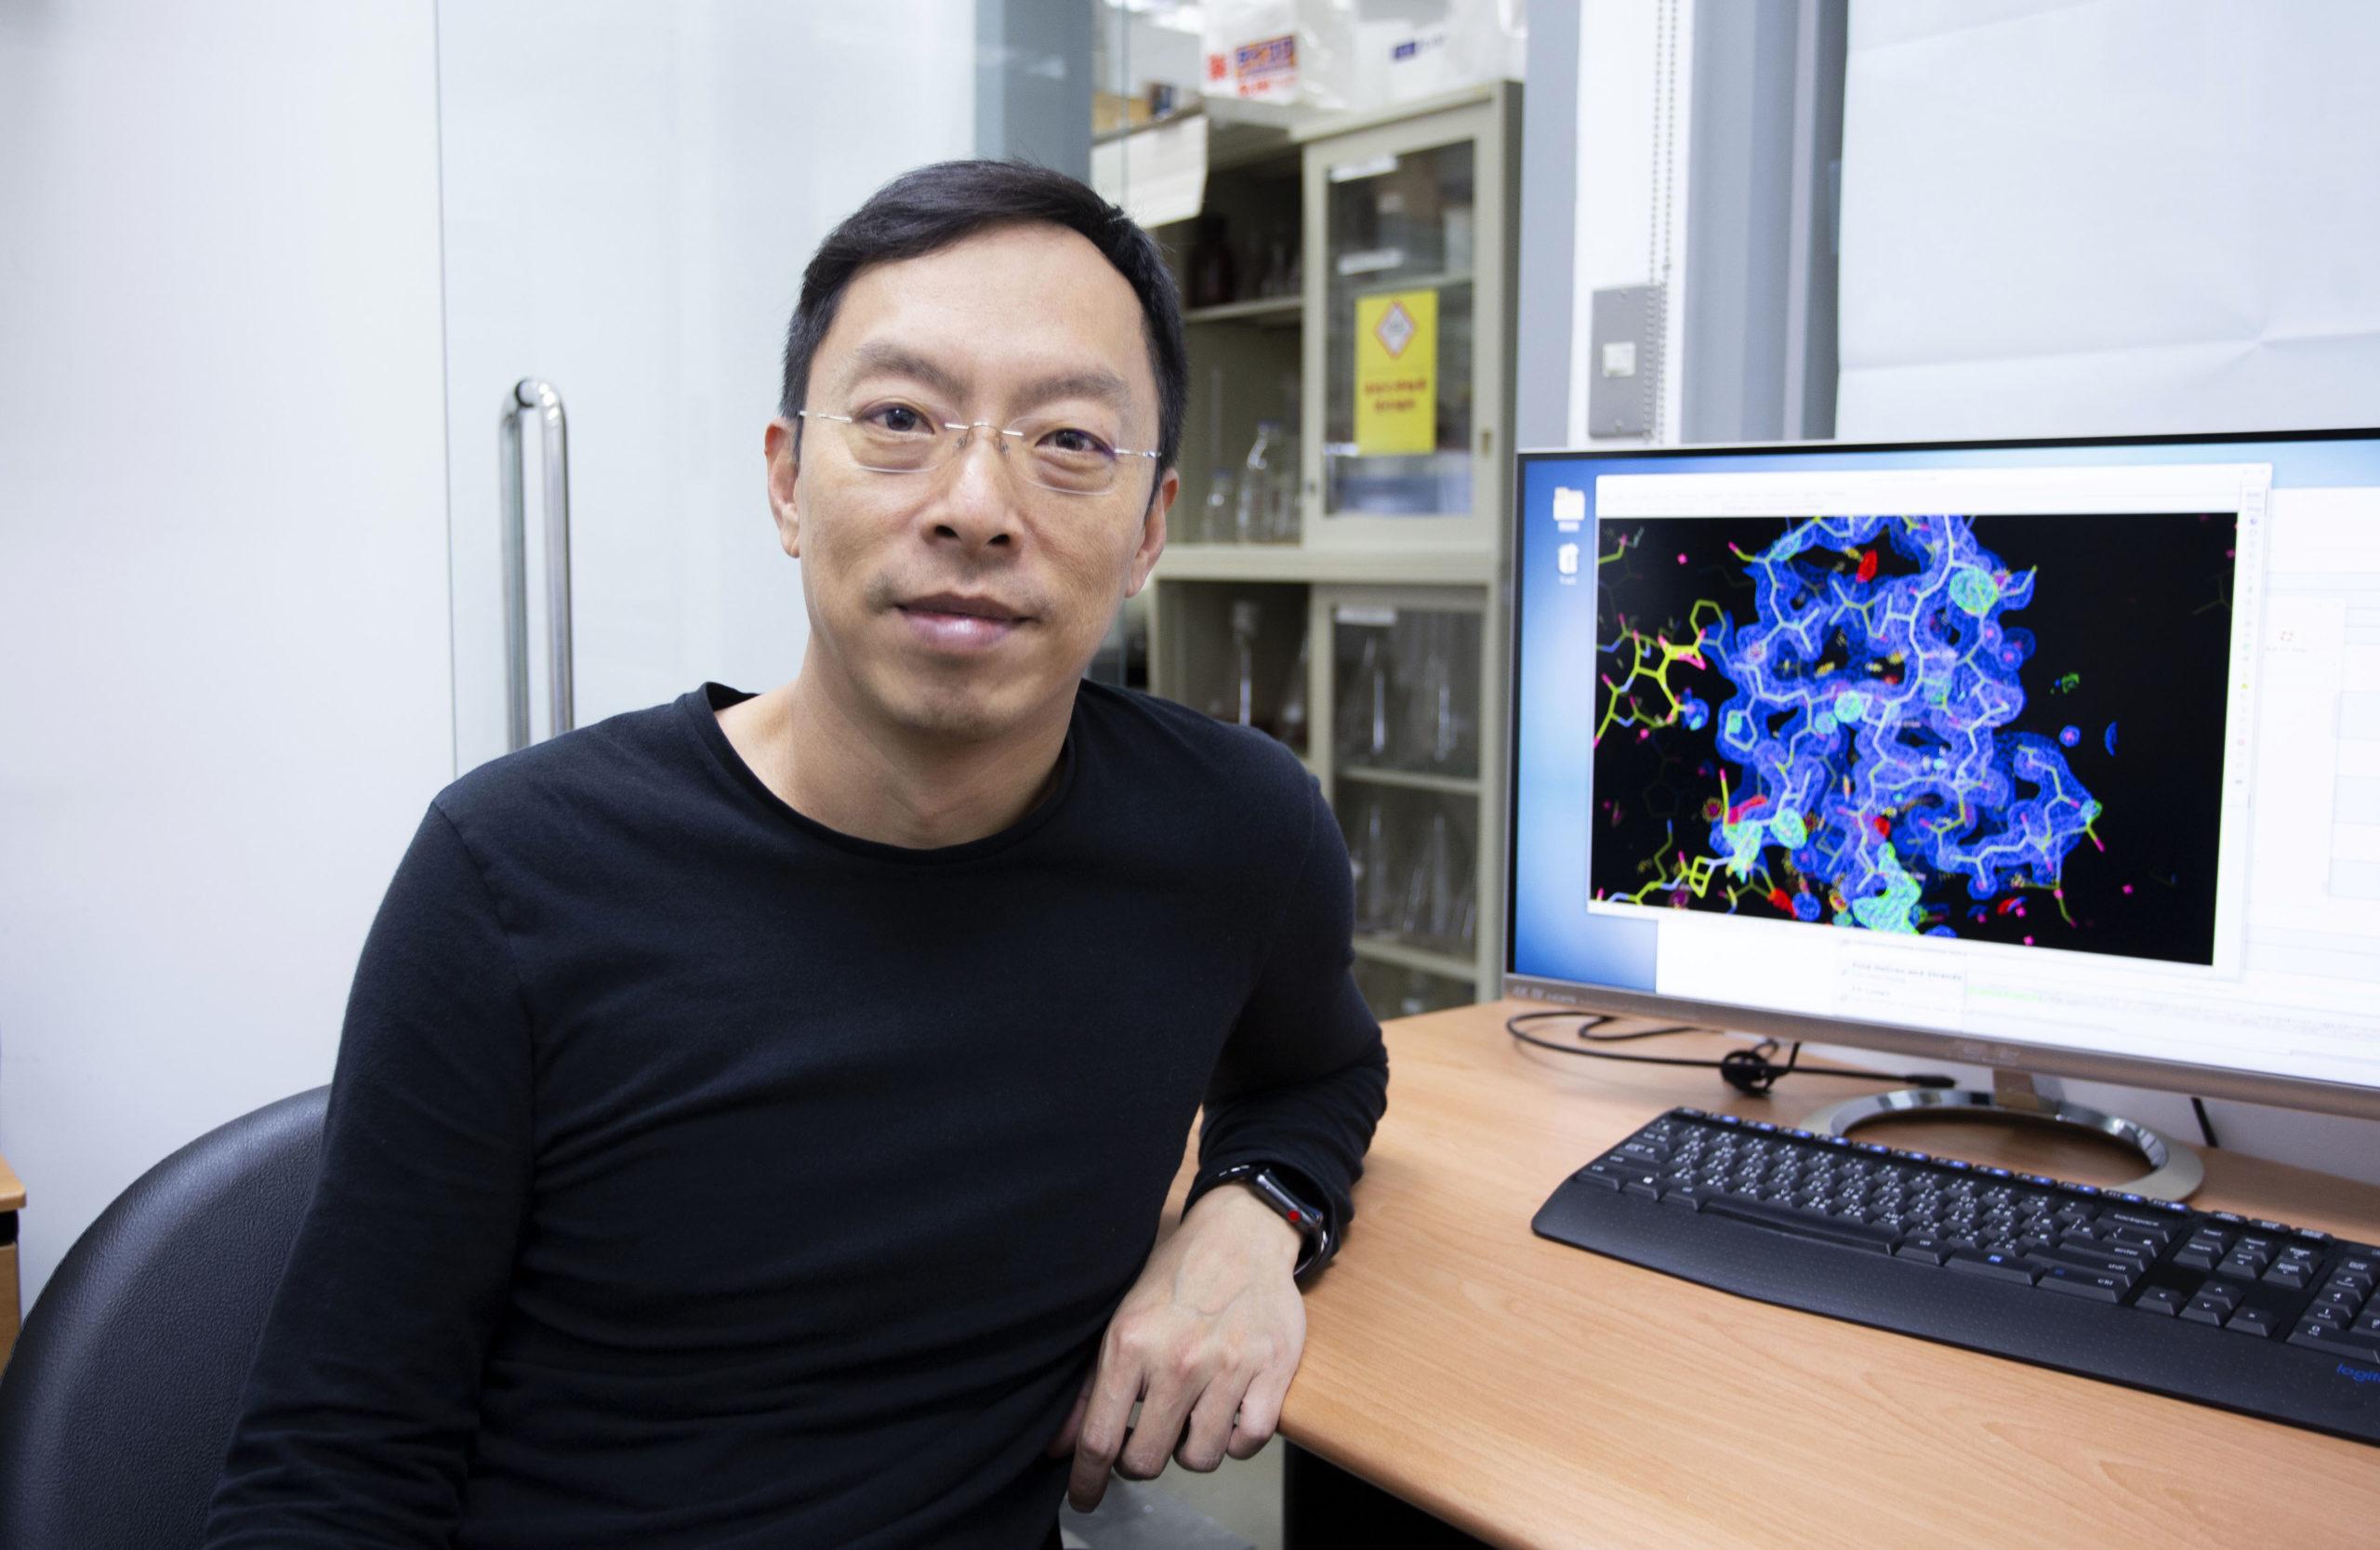 馬徹,中研院基因體研究中心研究員暨化學生物學組執行長,為翁啟惠院士領導研究團隊重要成員,致力於開發廣效性流感疫苗。圖│研之有物